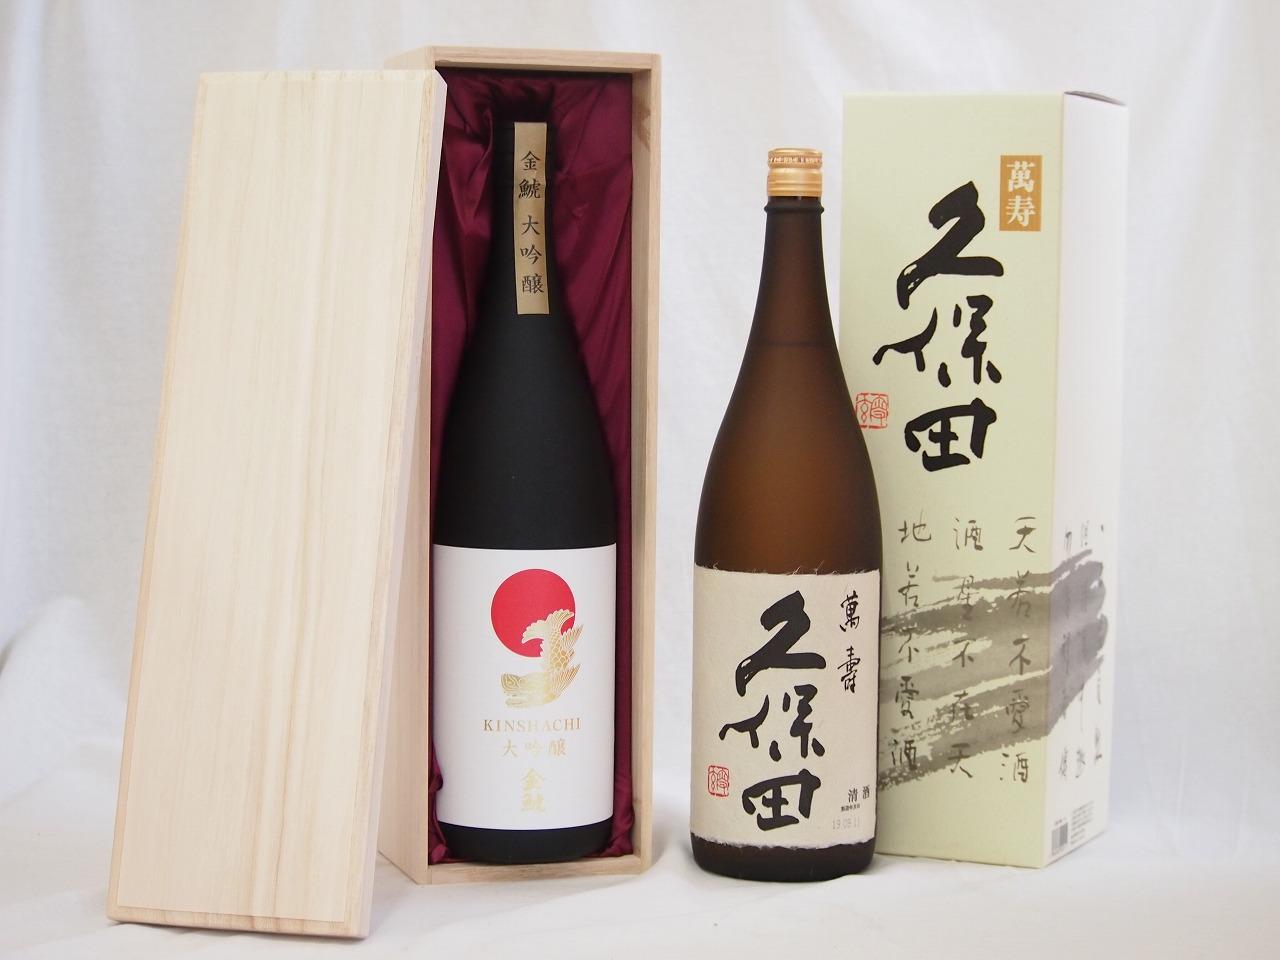 特選日本酒セット 久保田 越後杜氏の里 スペシャル2本セット(萬寿 大吟醸)1800ml×2本